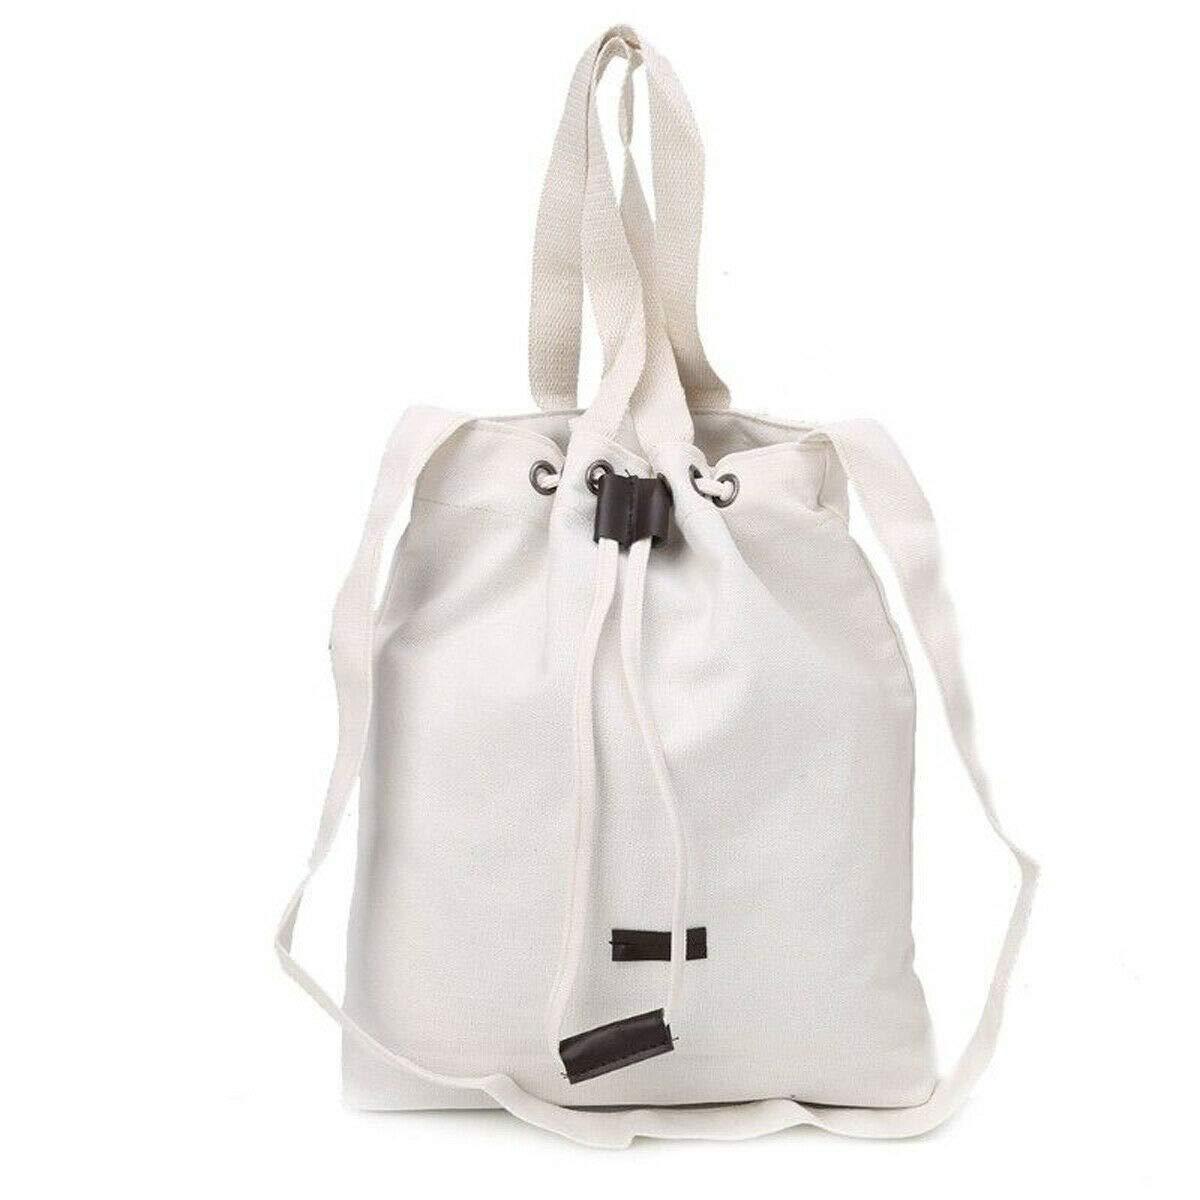 White Women Lady Shoulder Bags Canvas Messenger Hobo Satchel Tote Handbag #SENH